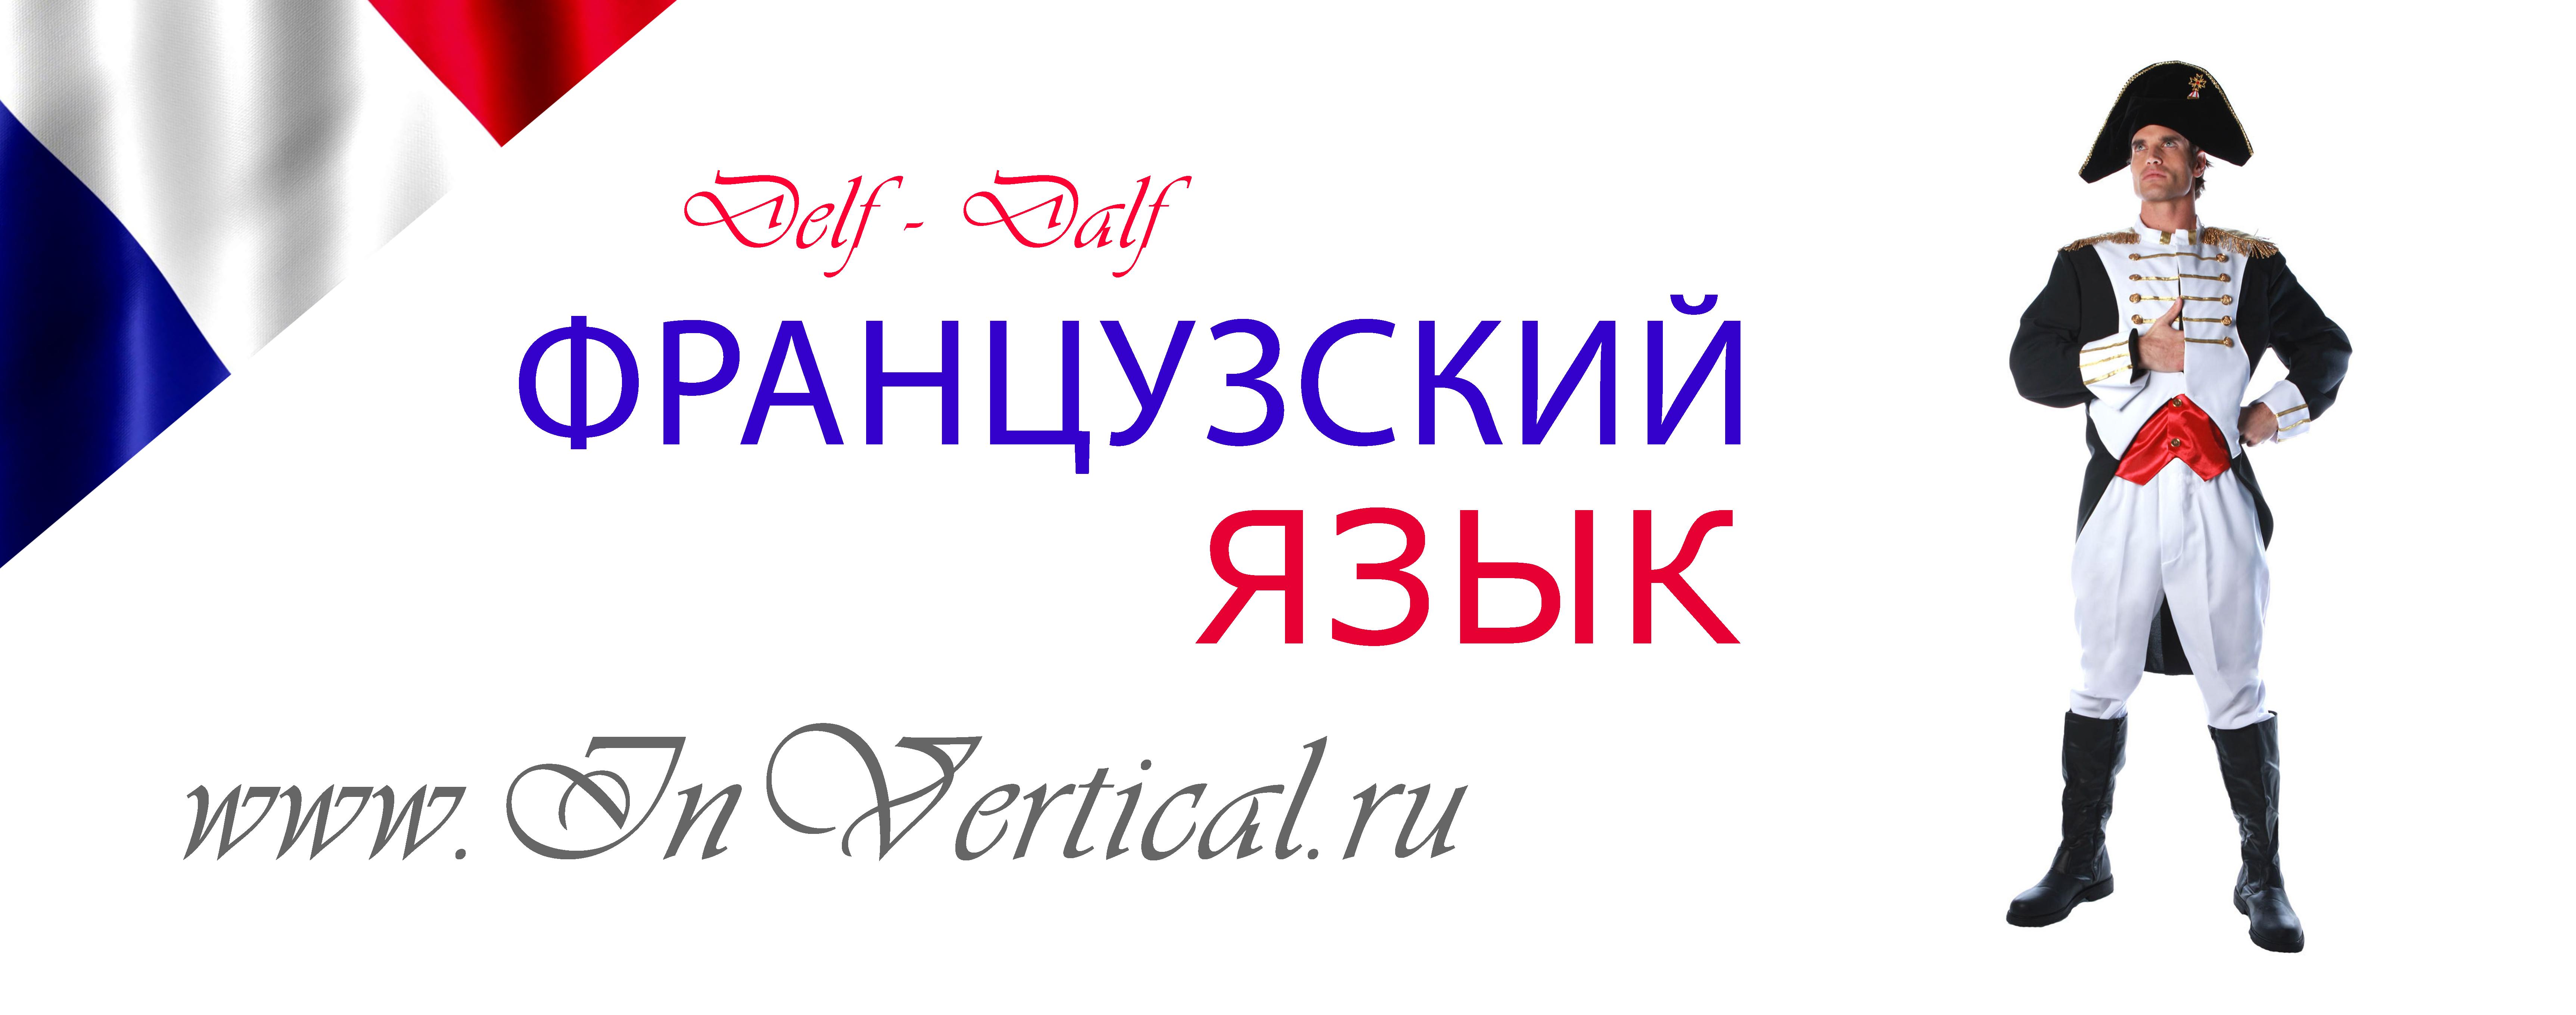 Французский язык в Липецке, Языковая школа Вертикаль